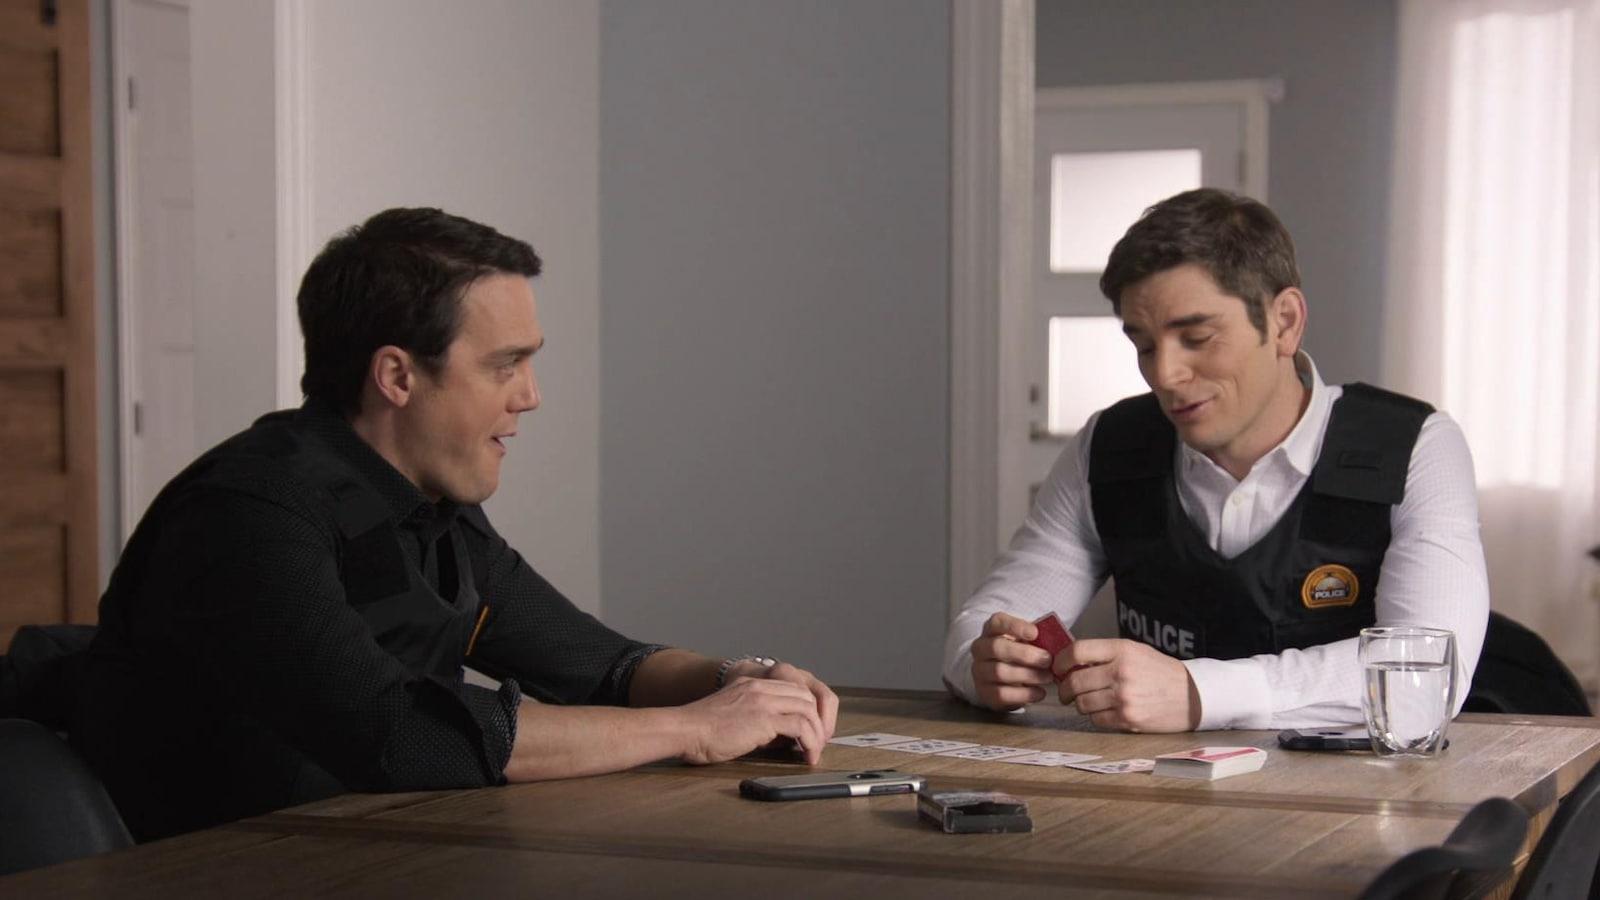 Les comédiens Vincent Guillaume-Otis et Sébastien Delorme jouent aux cartes dans une scène de District 31.